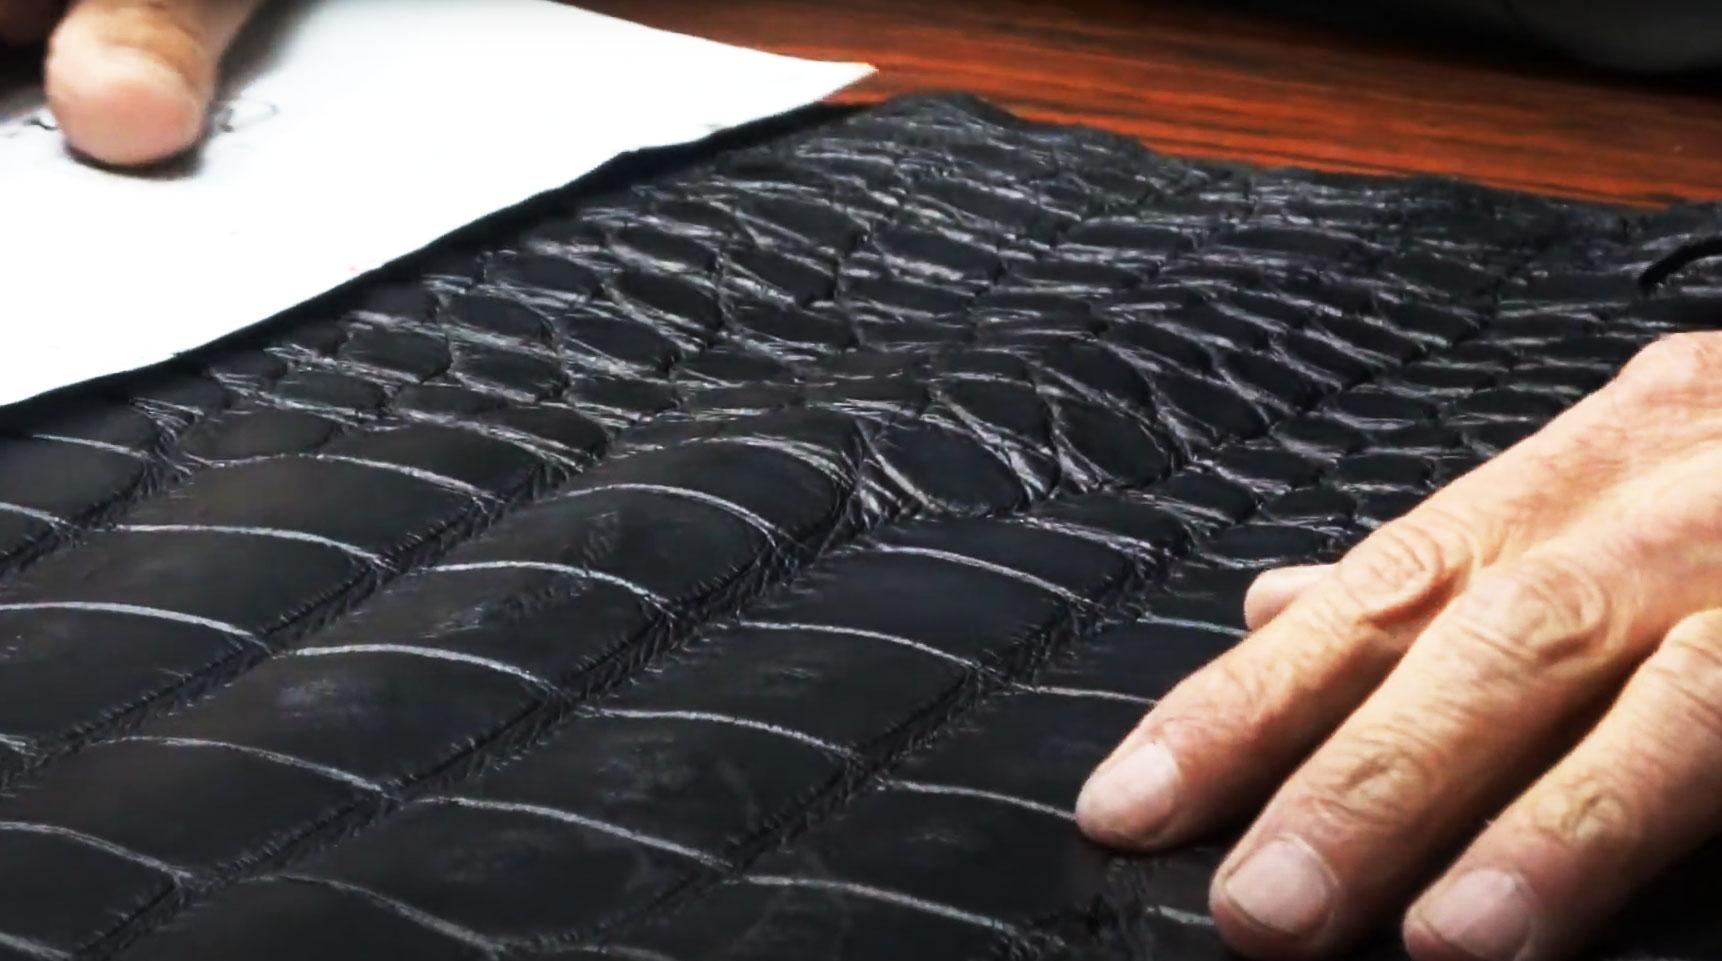 クロコダイルレザーには、四角い竹斑(たけふ)と丸い珠斑(たまふ)があり、それらをどうやって小物の模様として活かすかが職人の腕の見せ所と言われています。